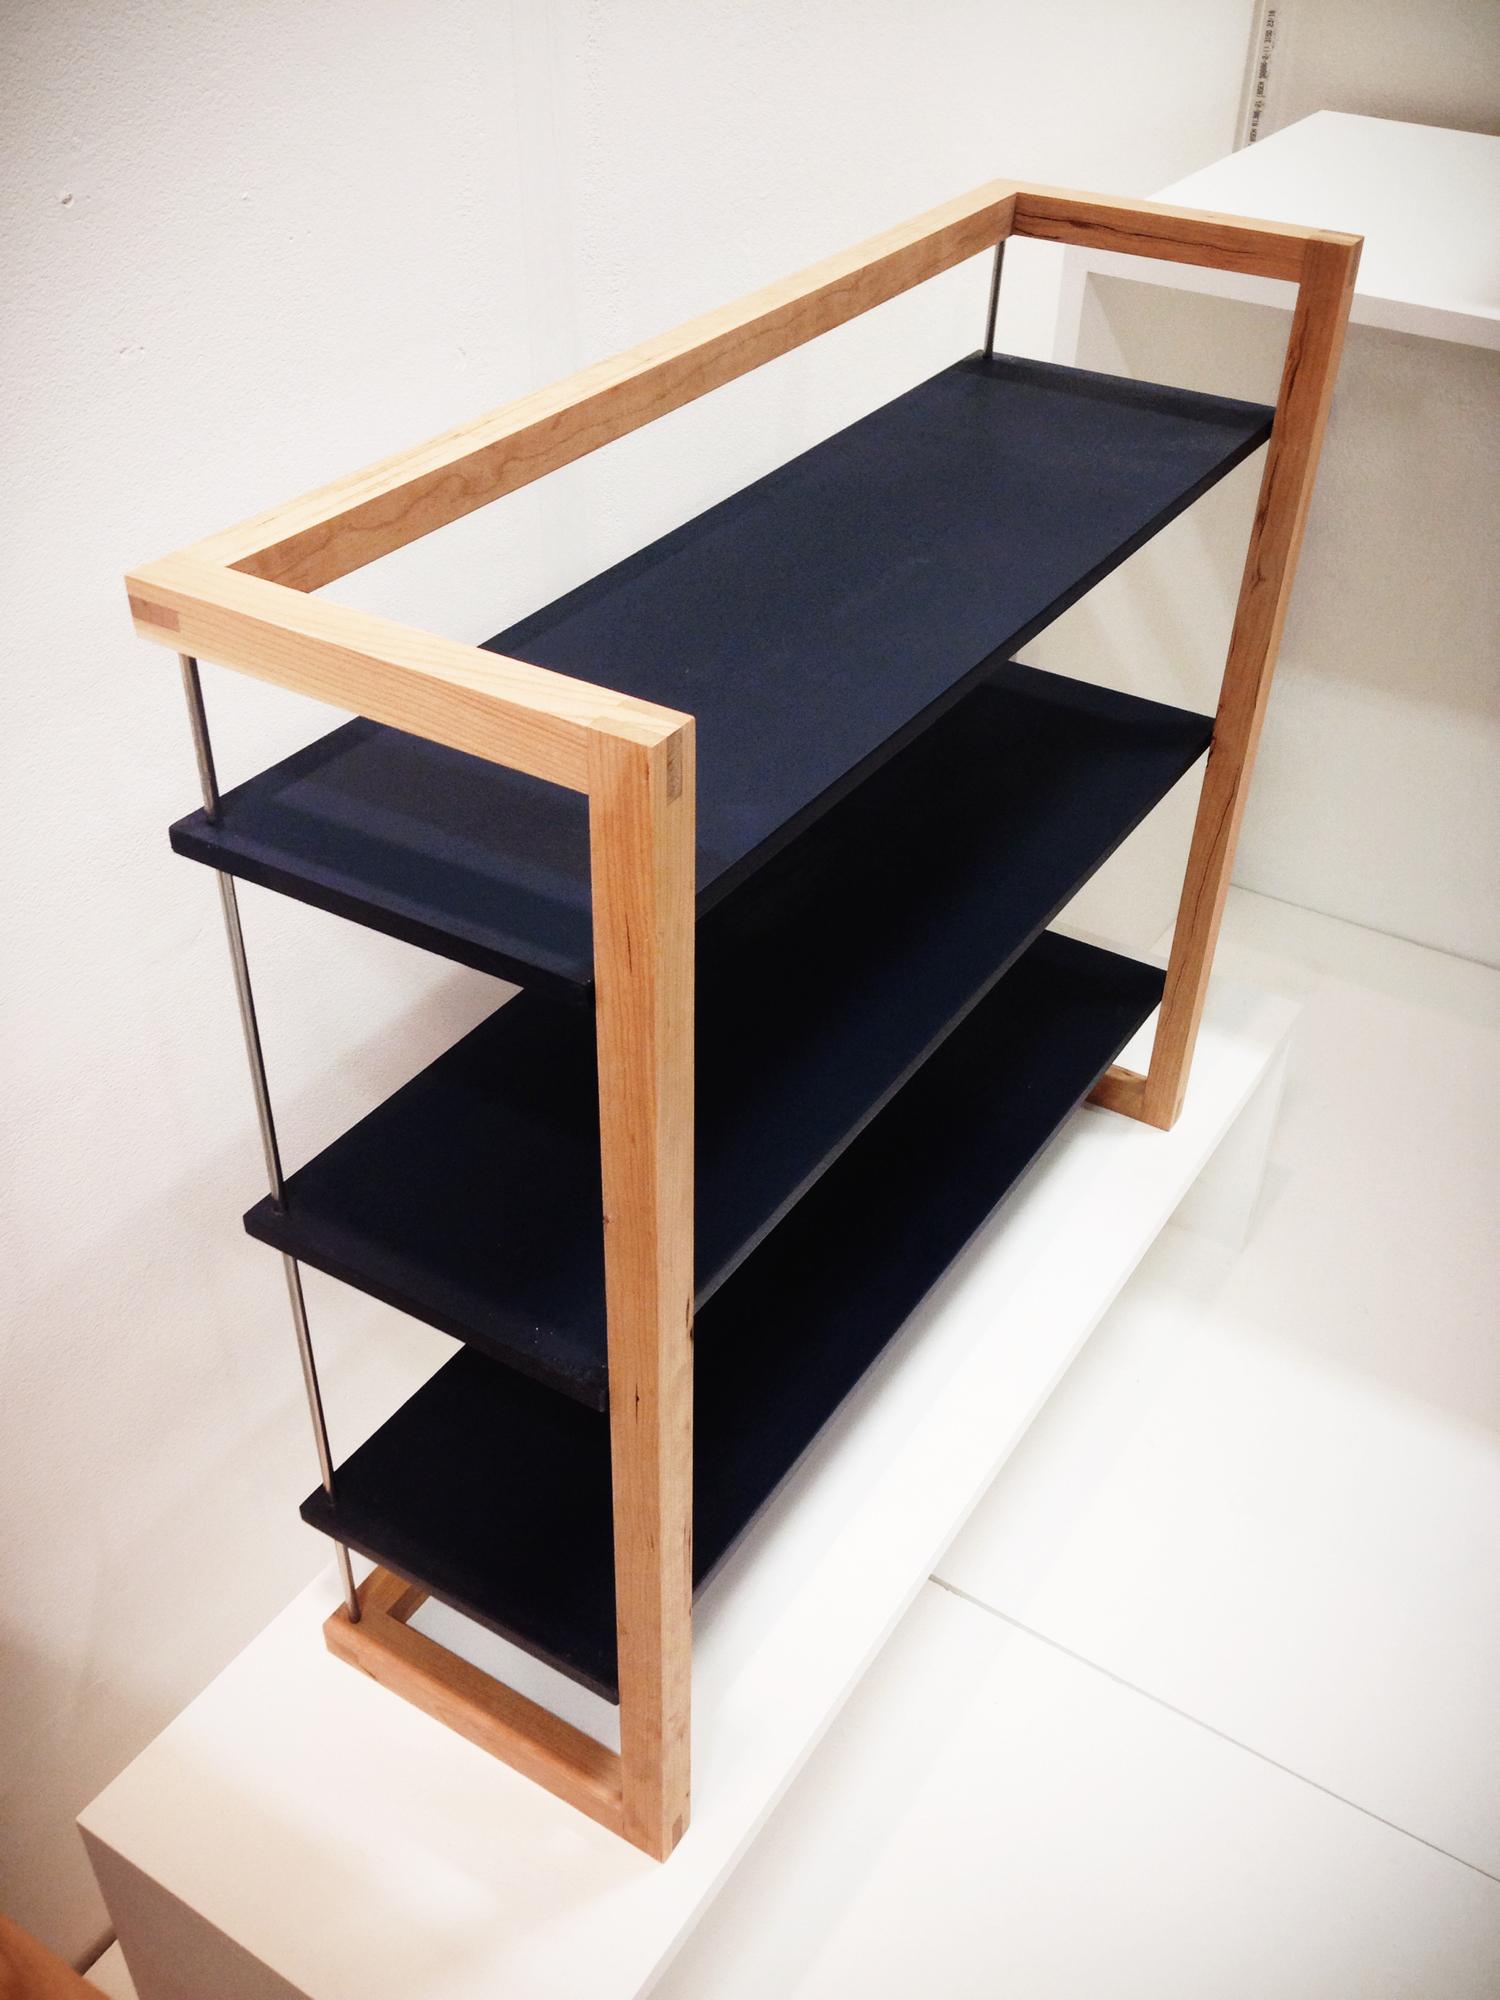 Suspended Shelves suspended shelves — studio lw furniture making & cabinet making